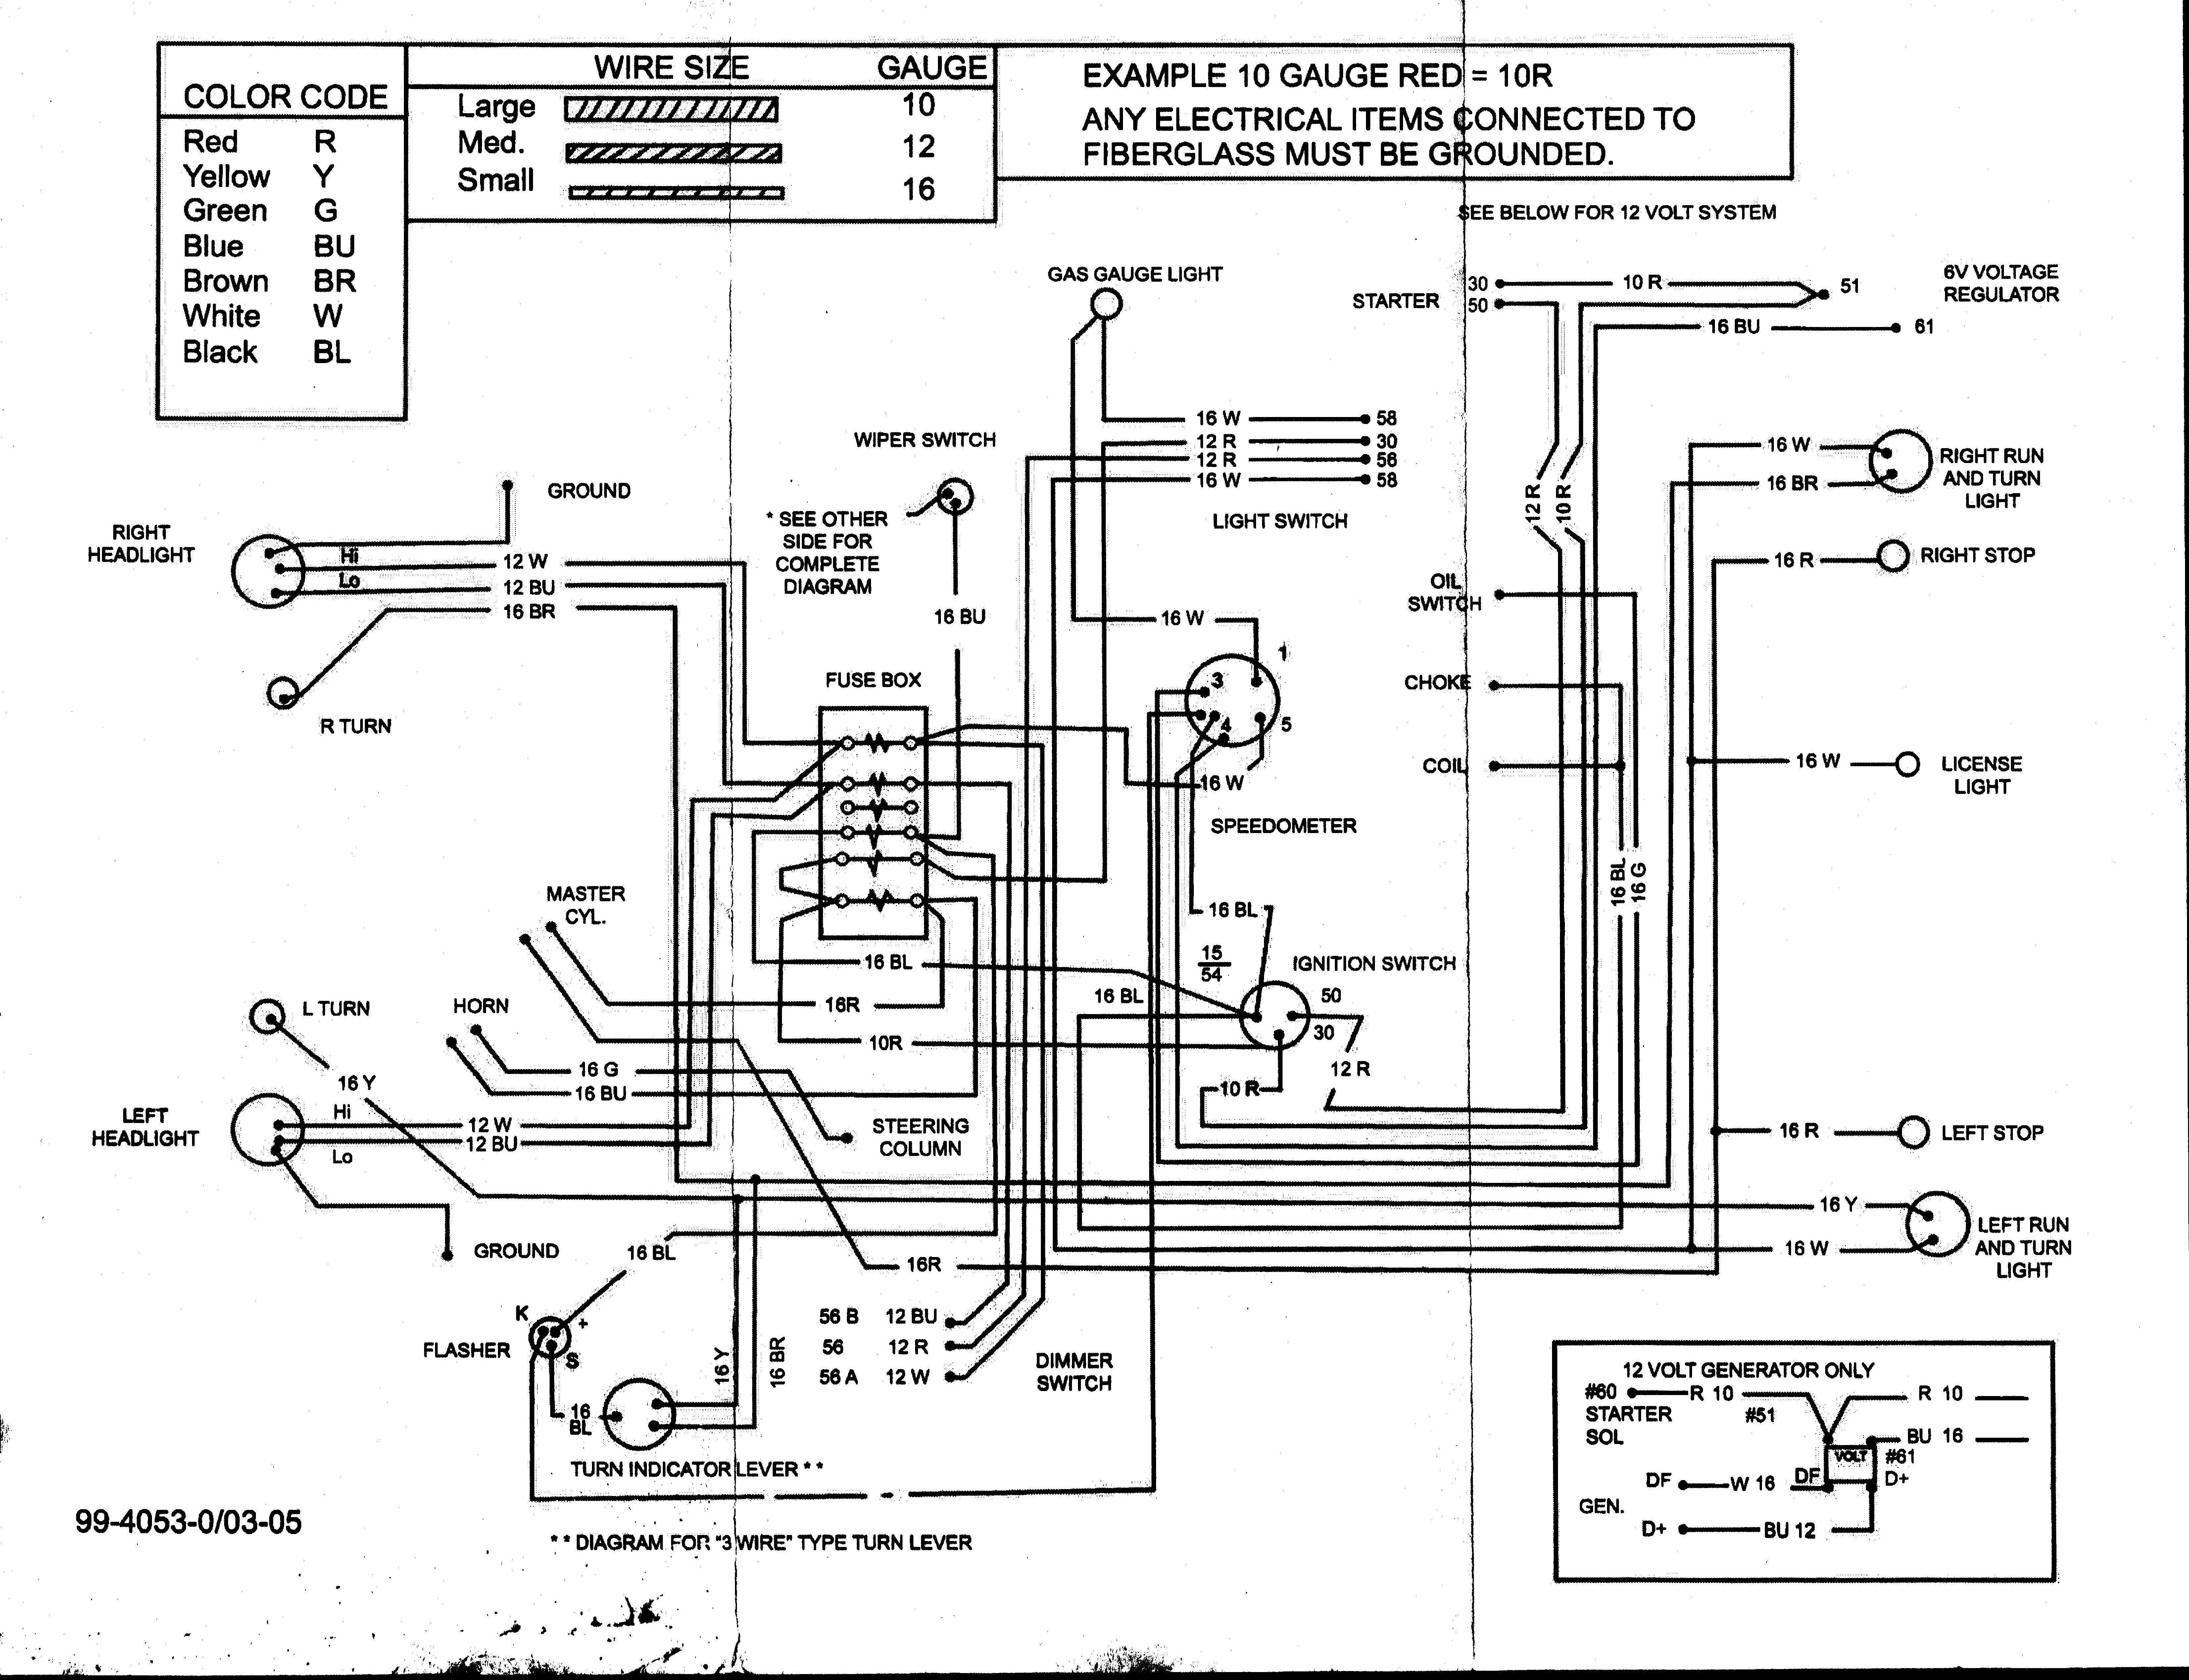 New Wiring Diagram Race Car  Diagram  Diagramtemplate